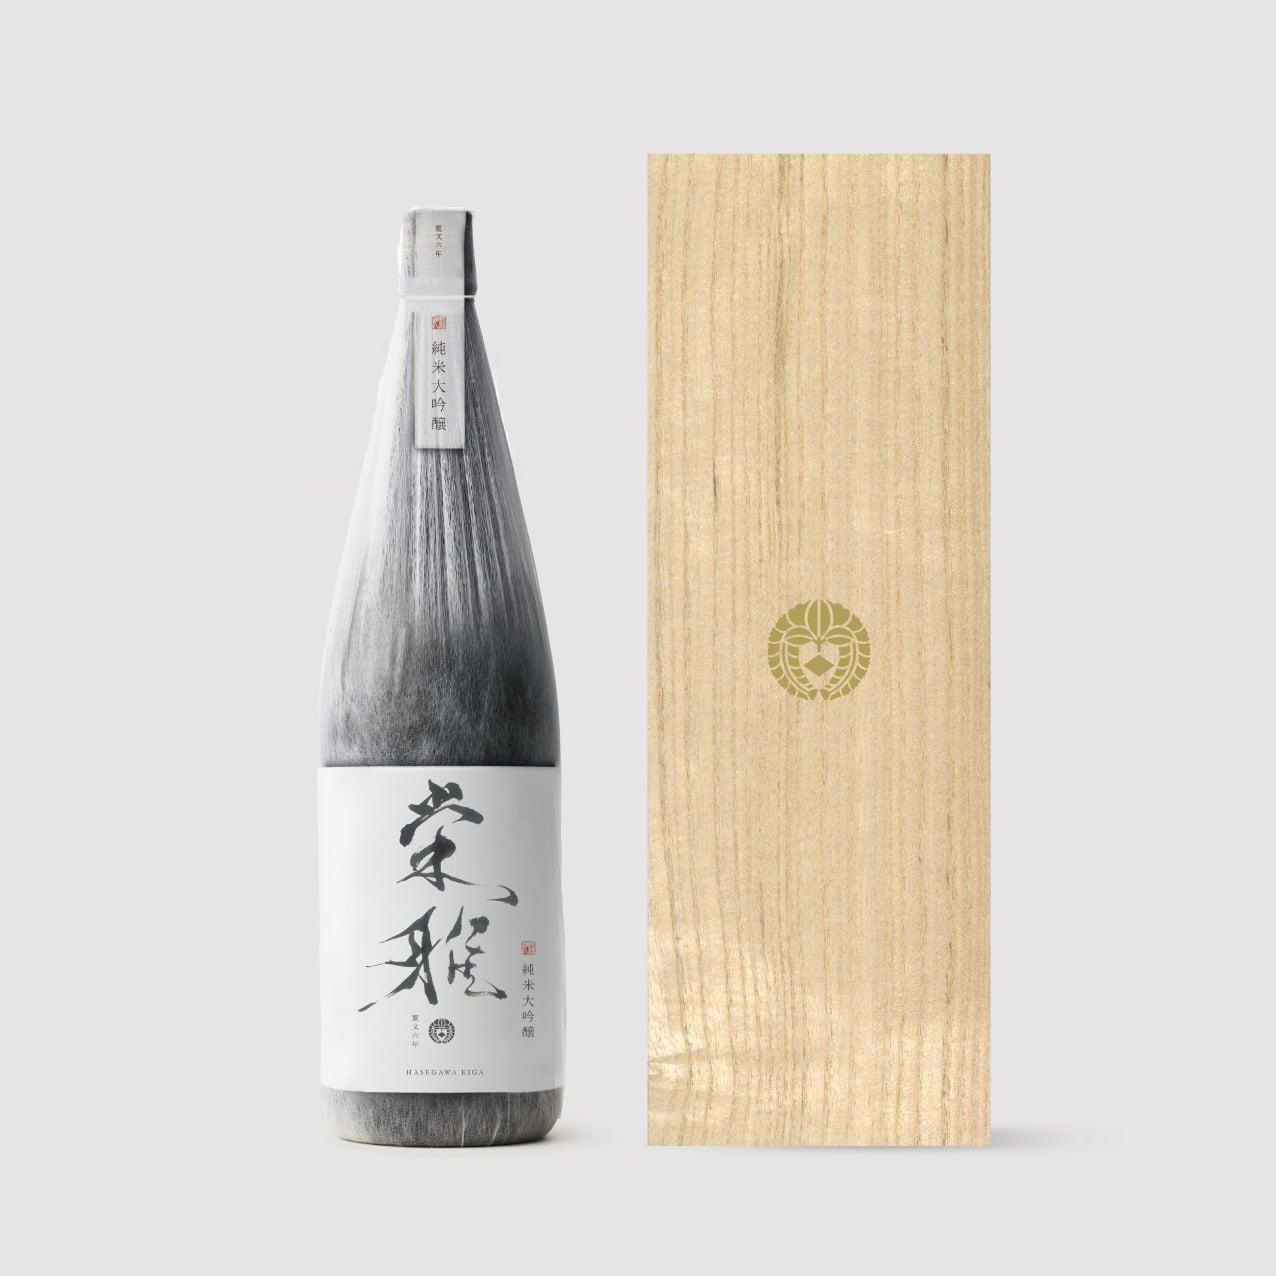 「栄雅 純米大吟醸」など5種類の日本酒を飲み比べることができる。